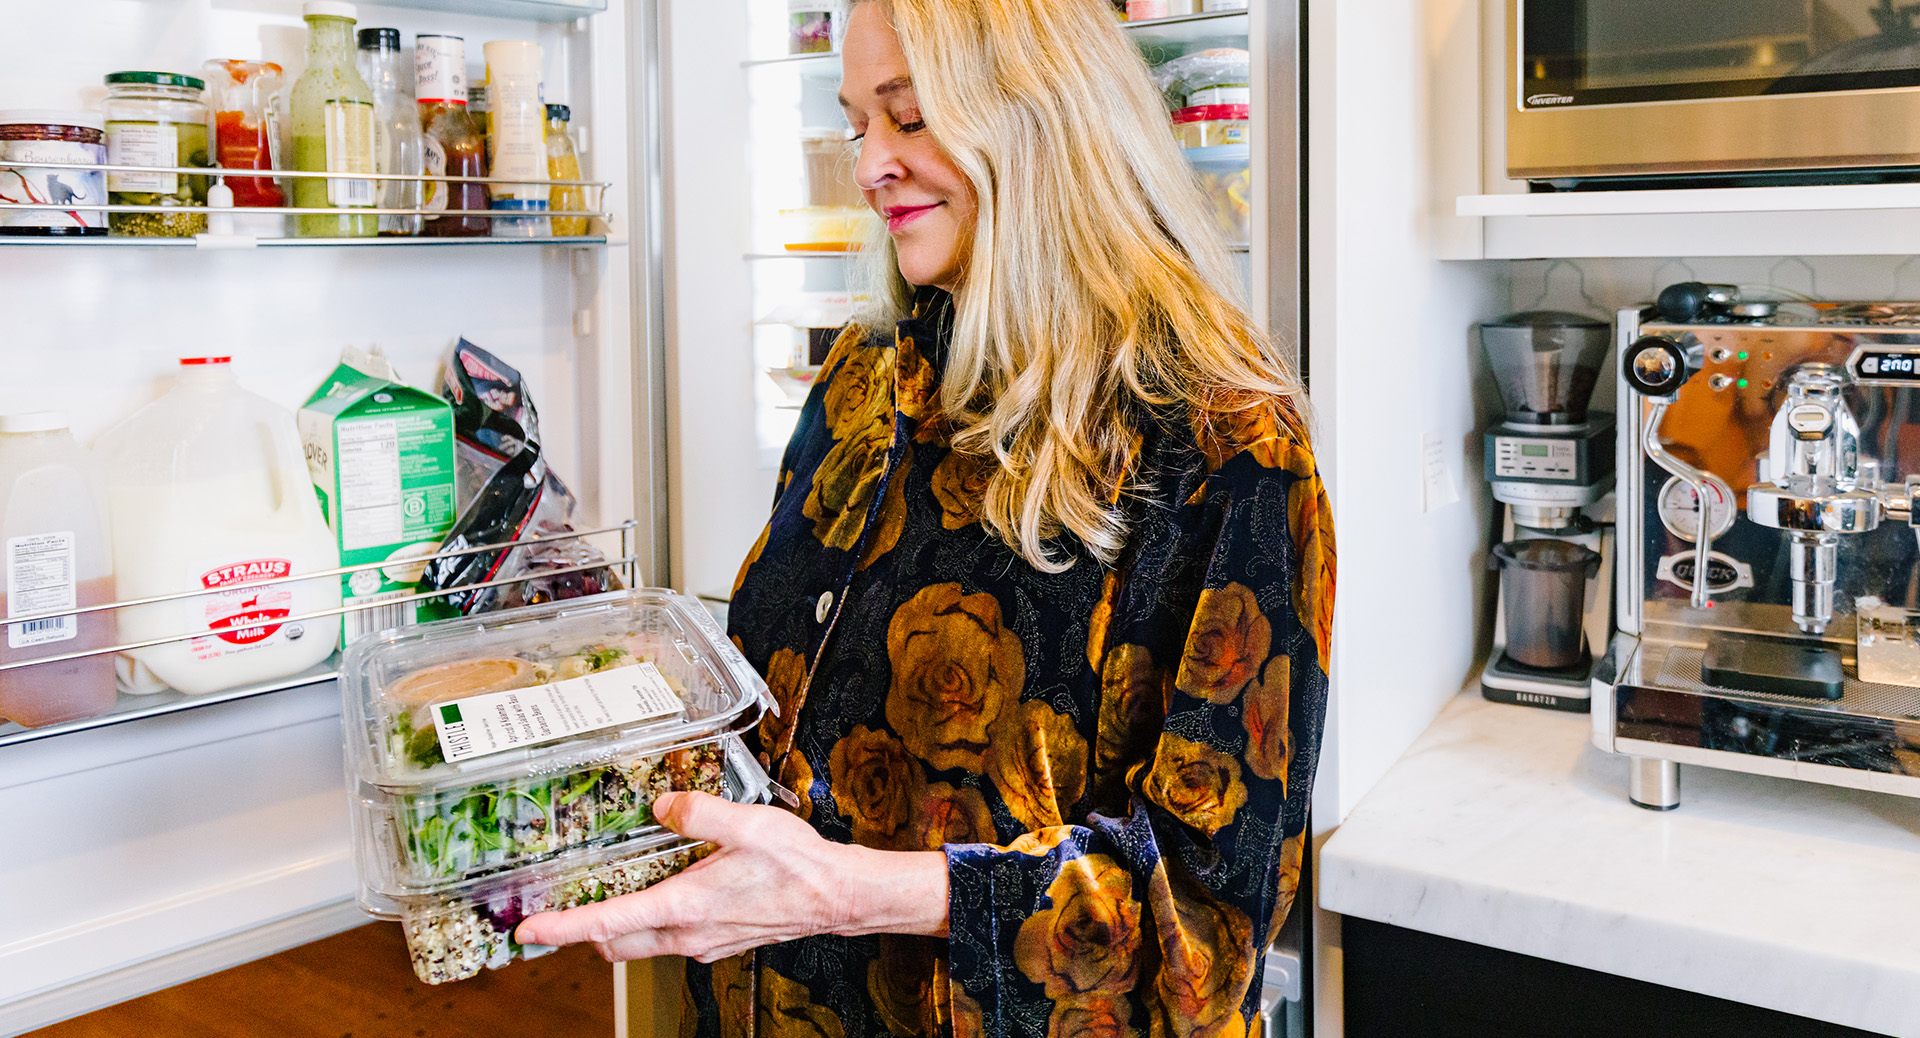 El piloto automático de dieta Thistle recauda $ 5 millones para suscripciones de alimentos saludables 8